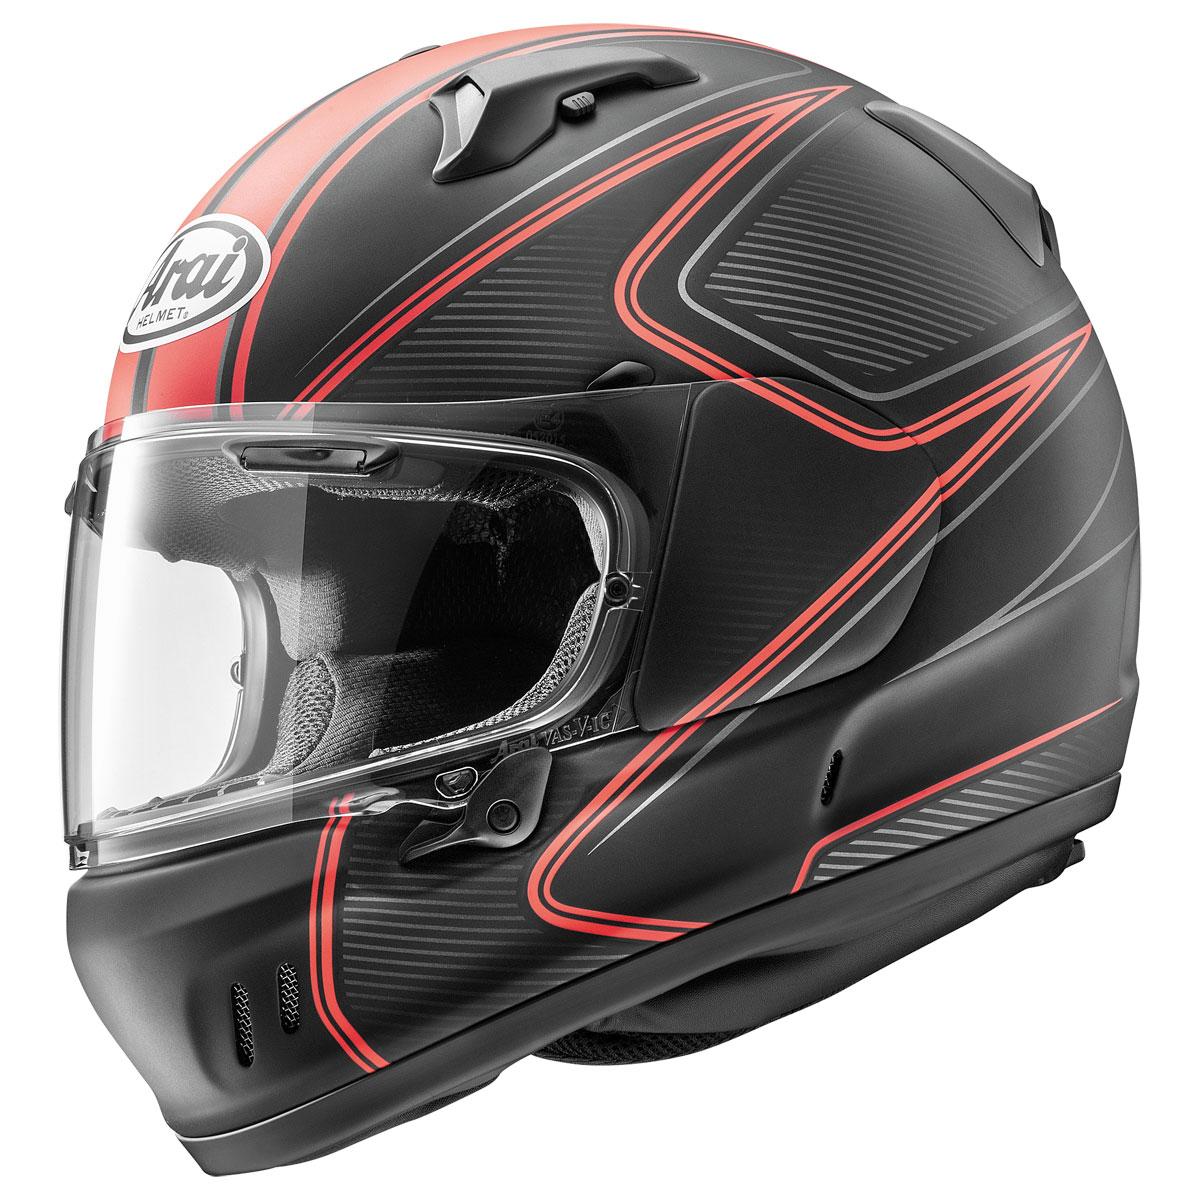 Arai Defiant-X Diablo Red Frost Full Face Helmet